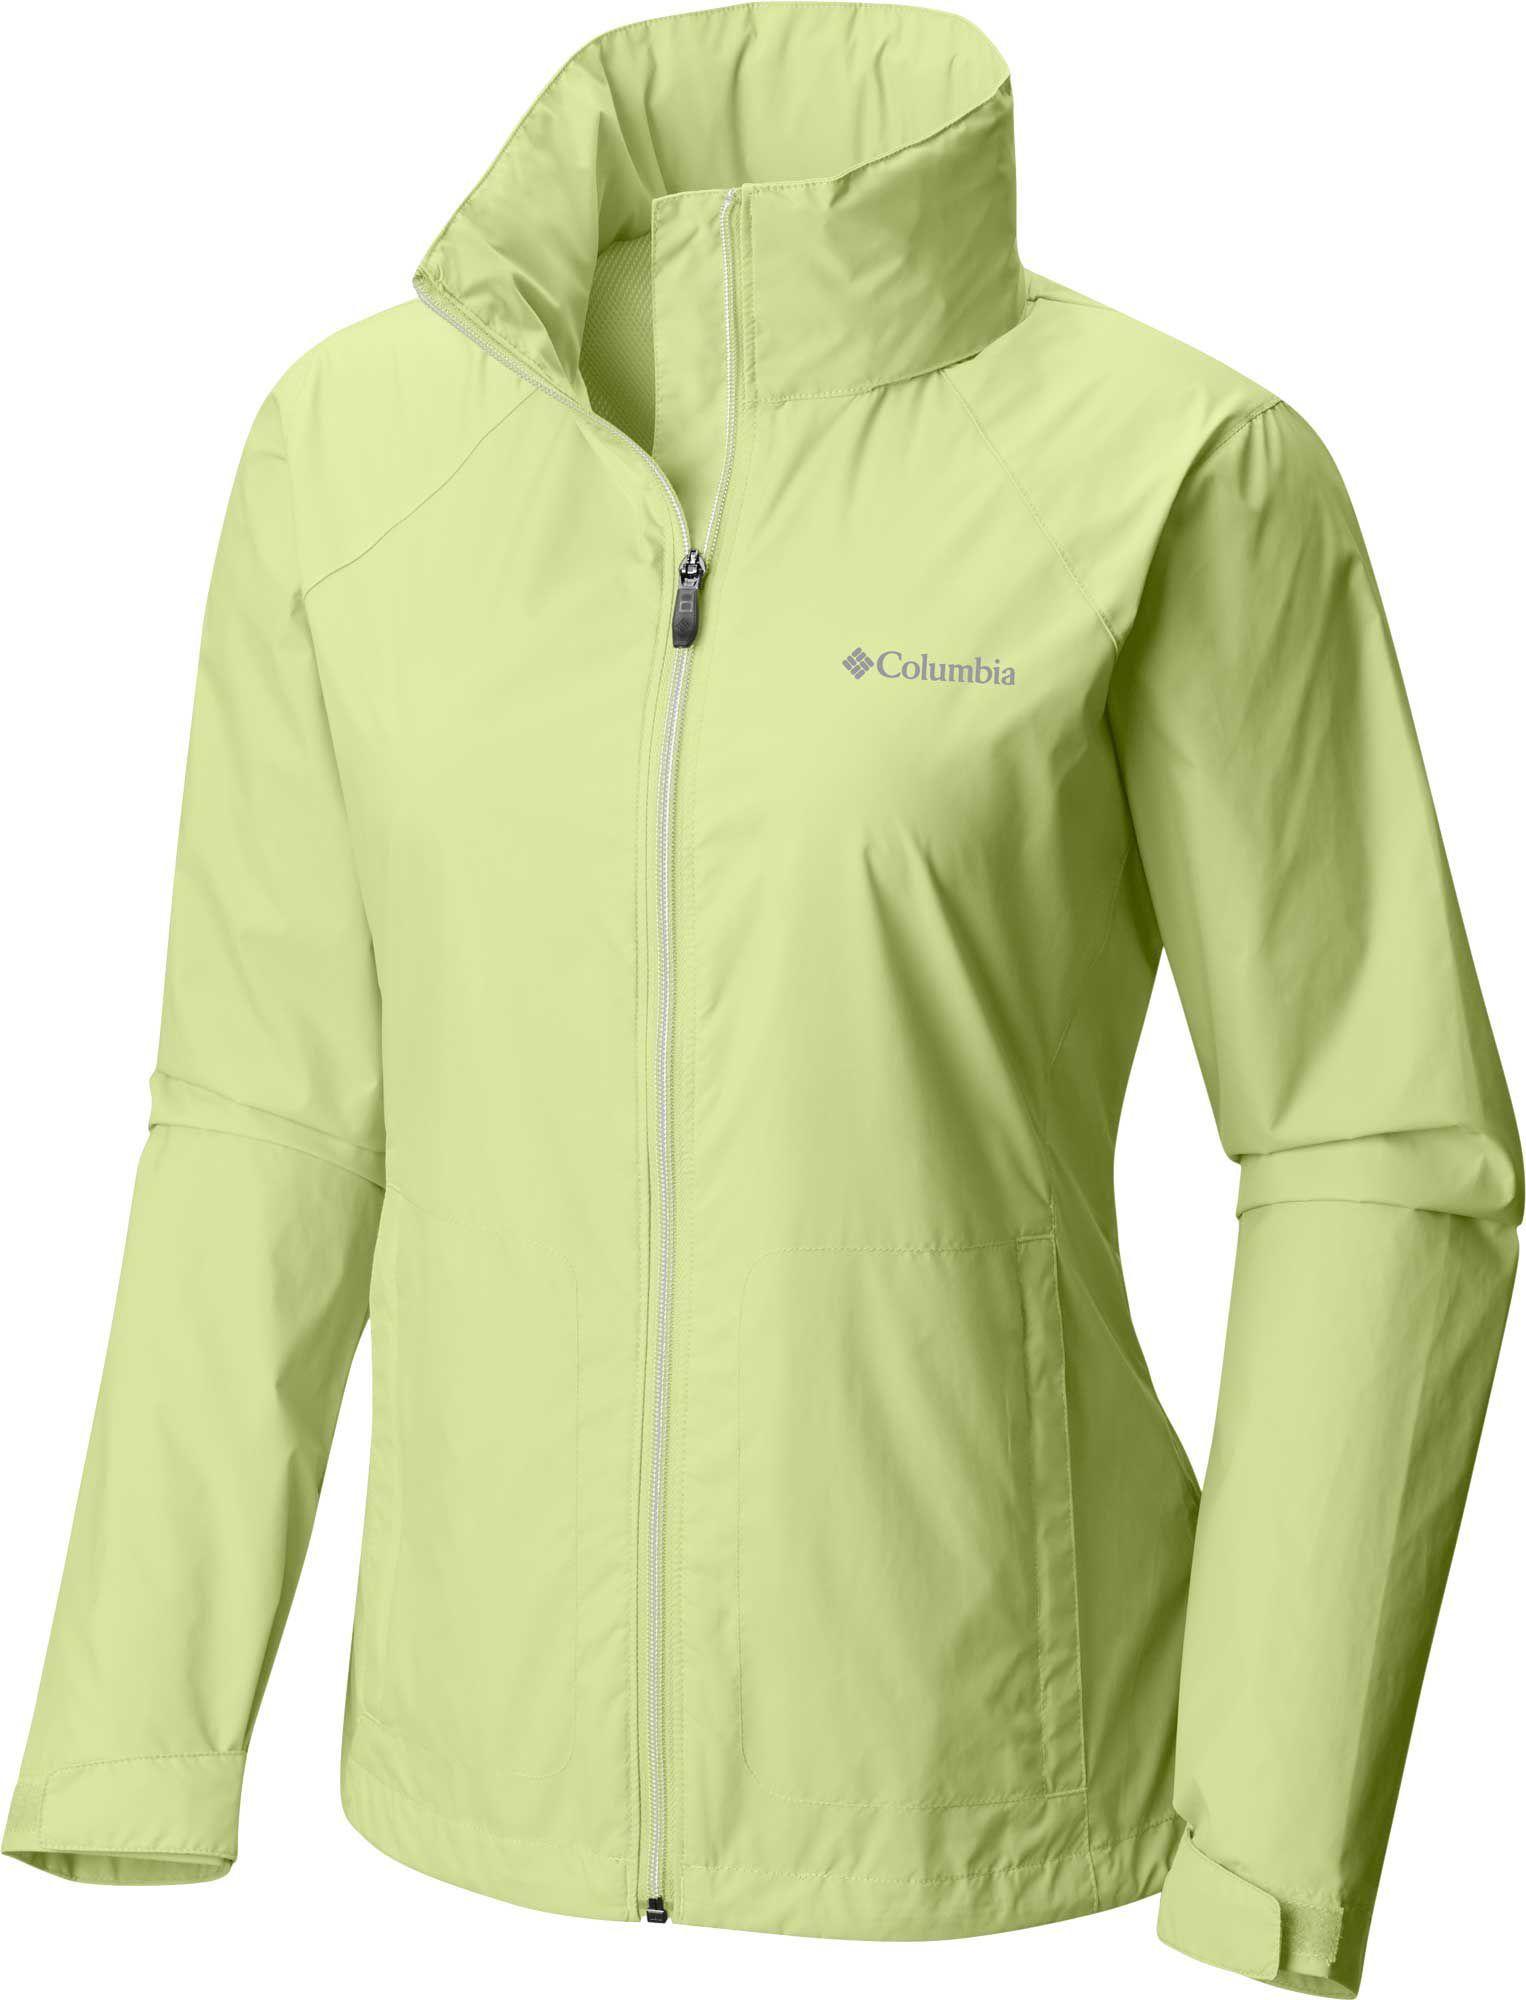 Columbia Women's Switchback Rain Jacket Jakker, regn  Jackets, Rain